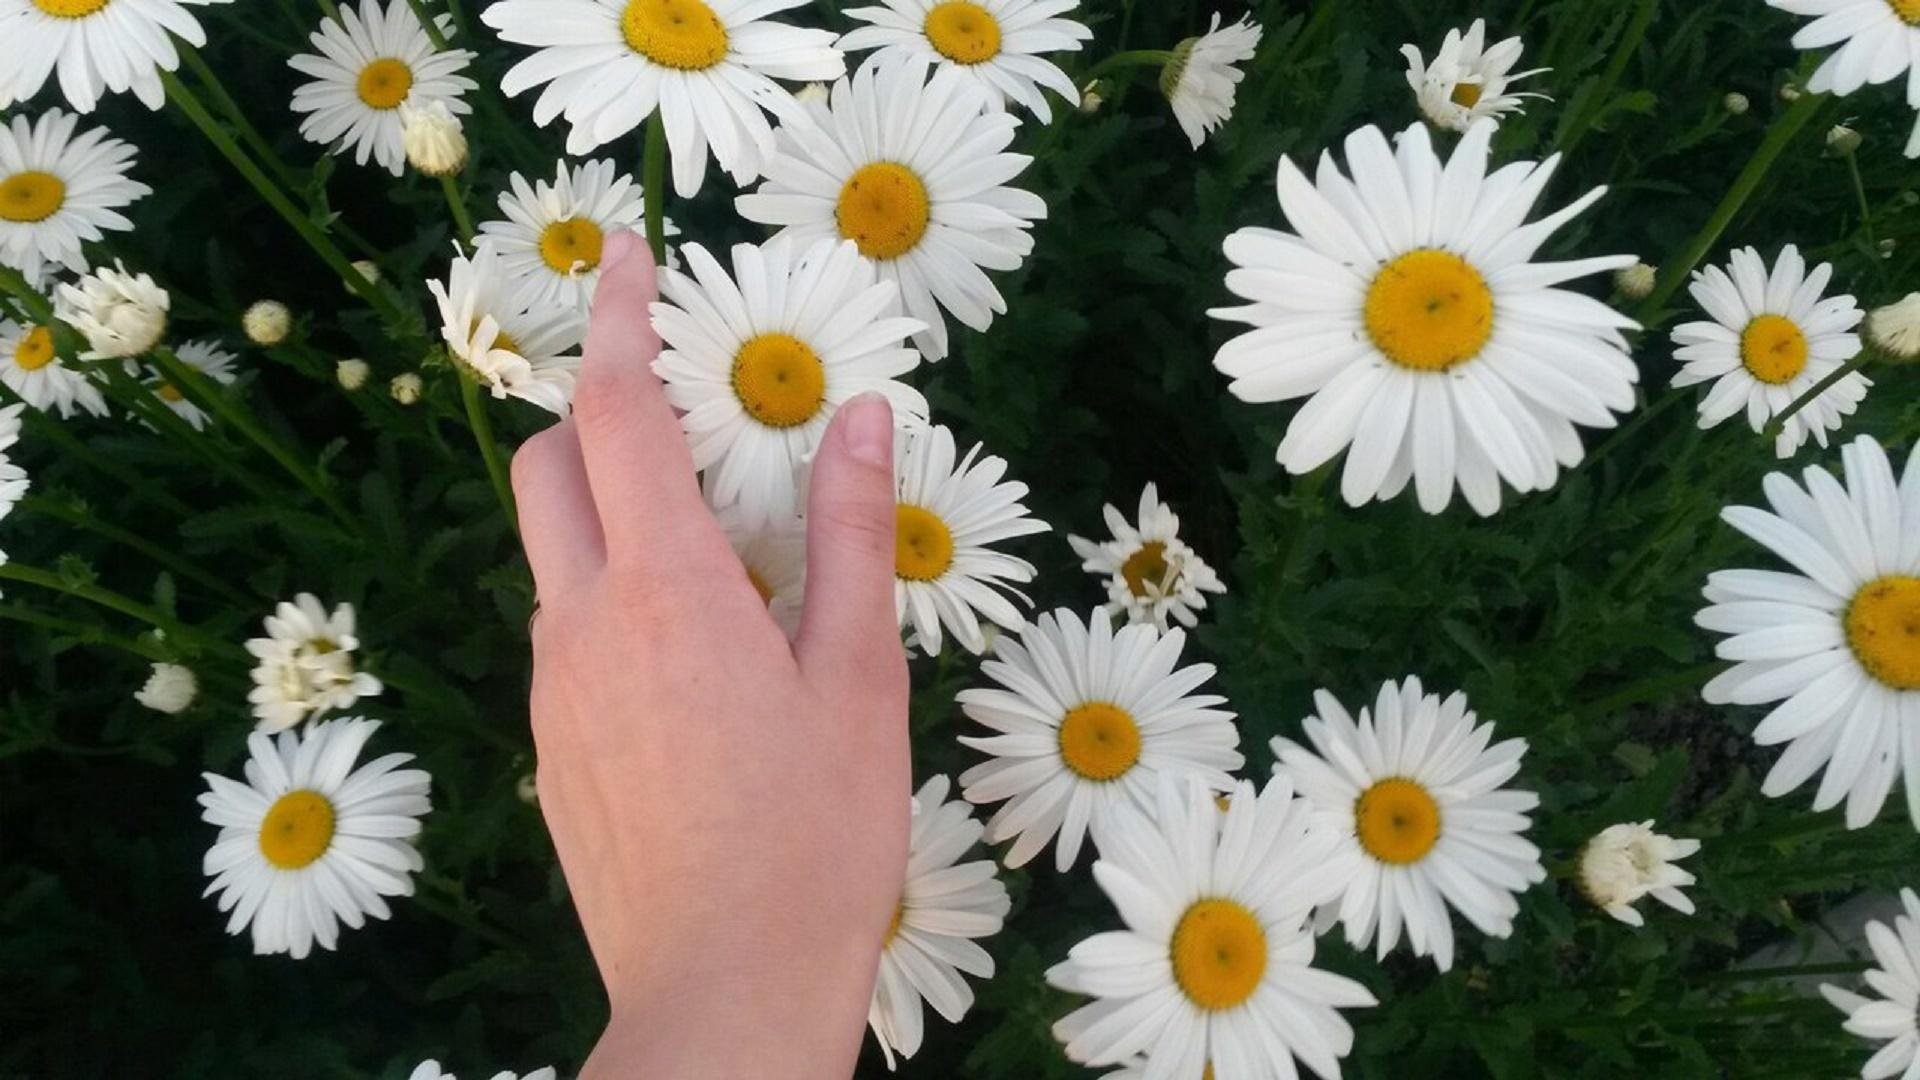 Ромашки букет в руках